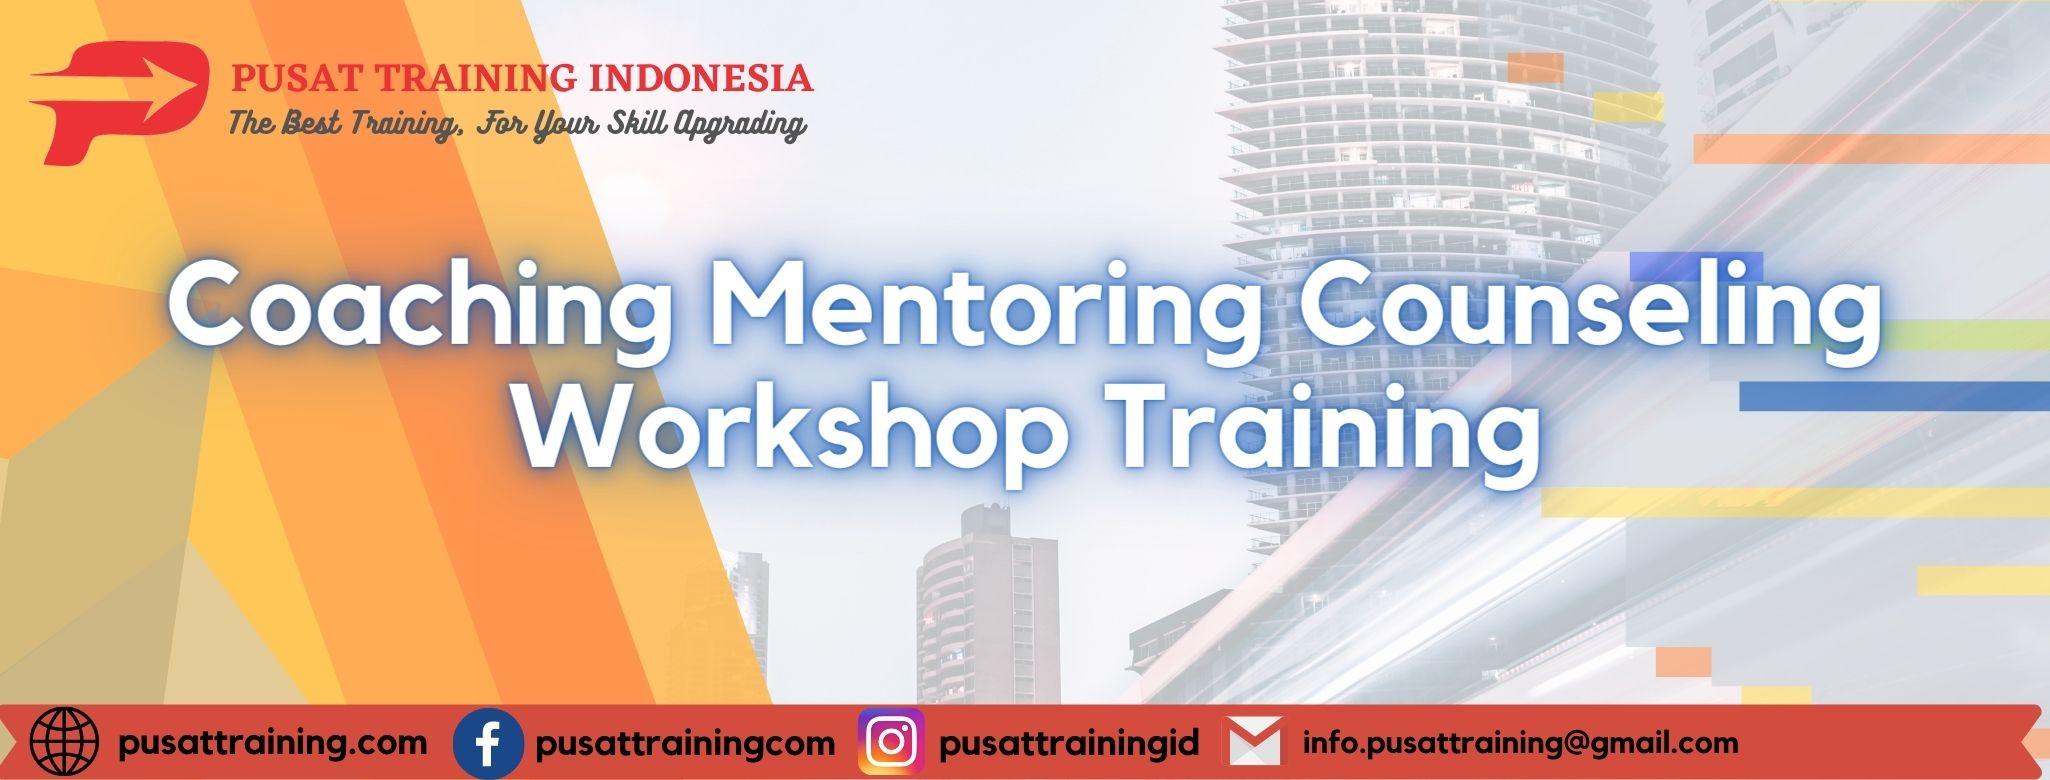 Coaching-Mentoring-Counseling-Workshop-Training